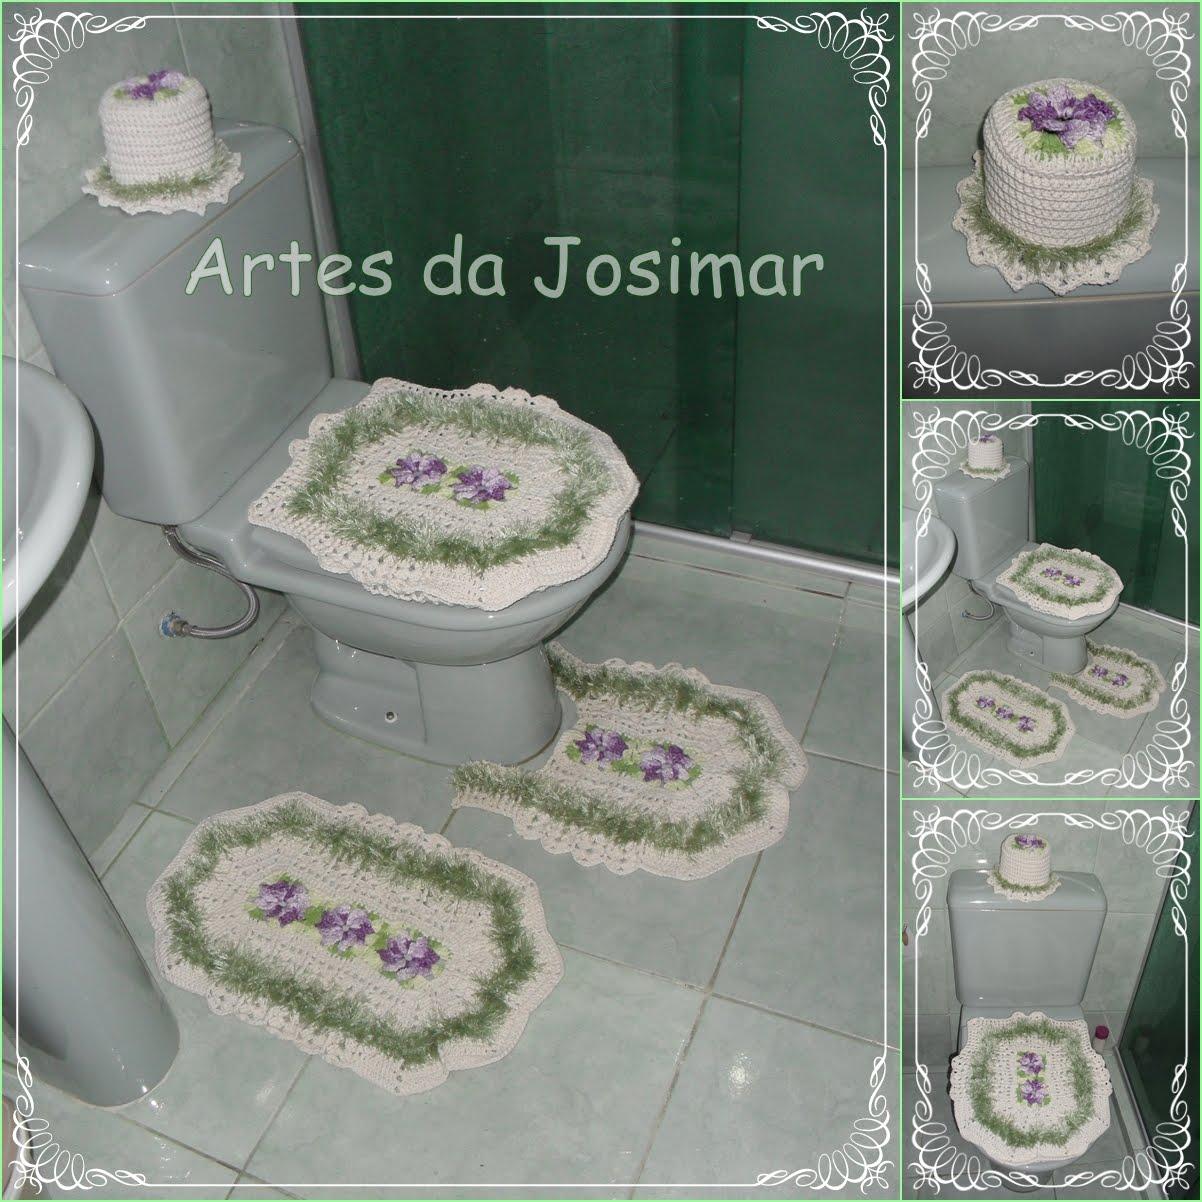 Jogo De Banheiro Completo : Artes da josimar jogo de banheiro completo